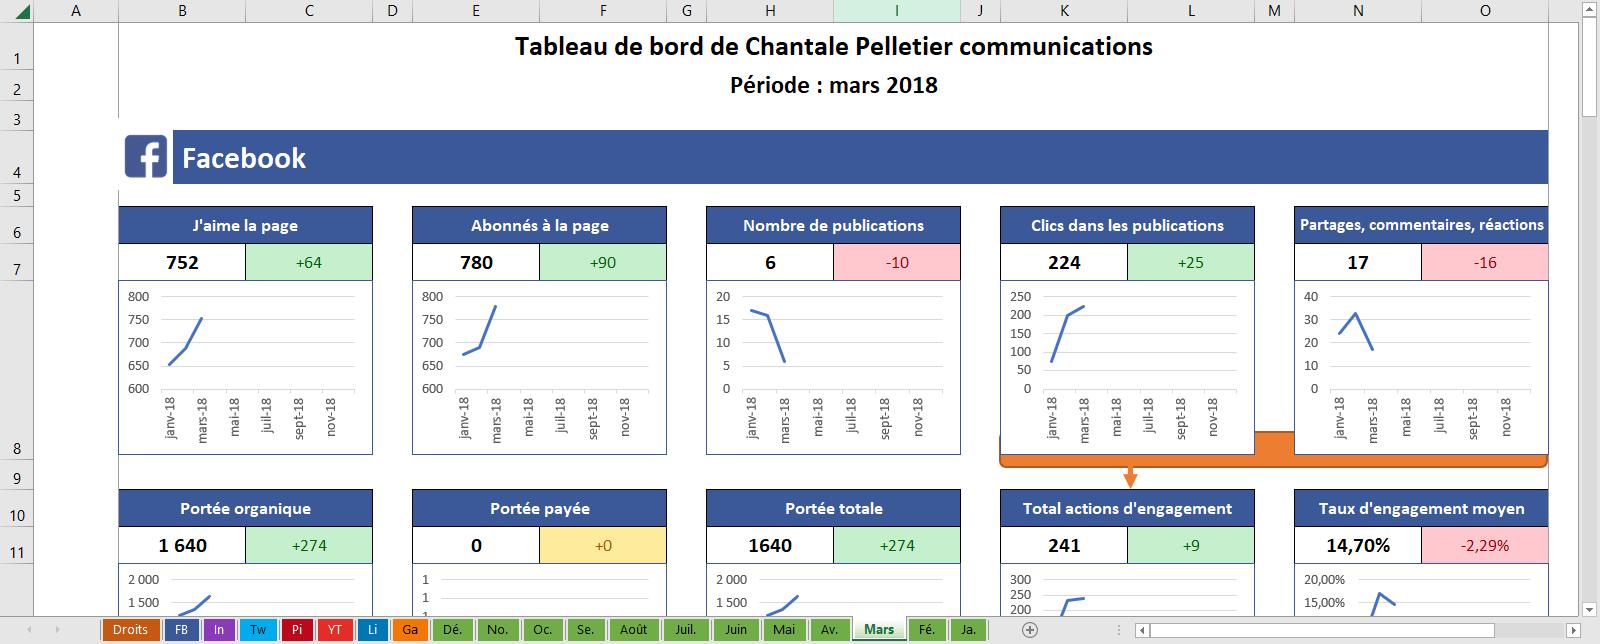 Analyse Des Medias Sociaux Tableau De Bord Gratuit Chantale Pelletier